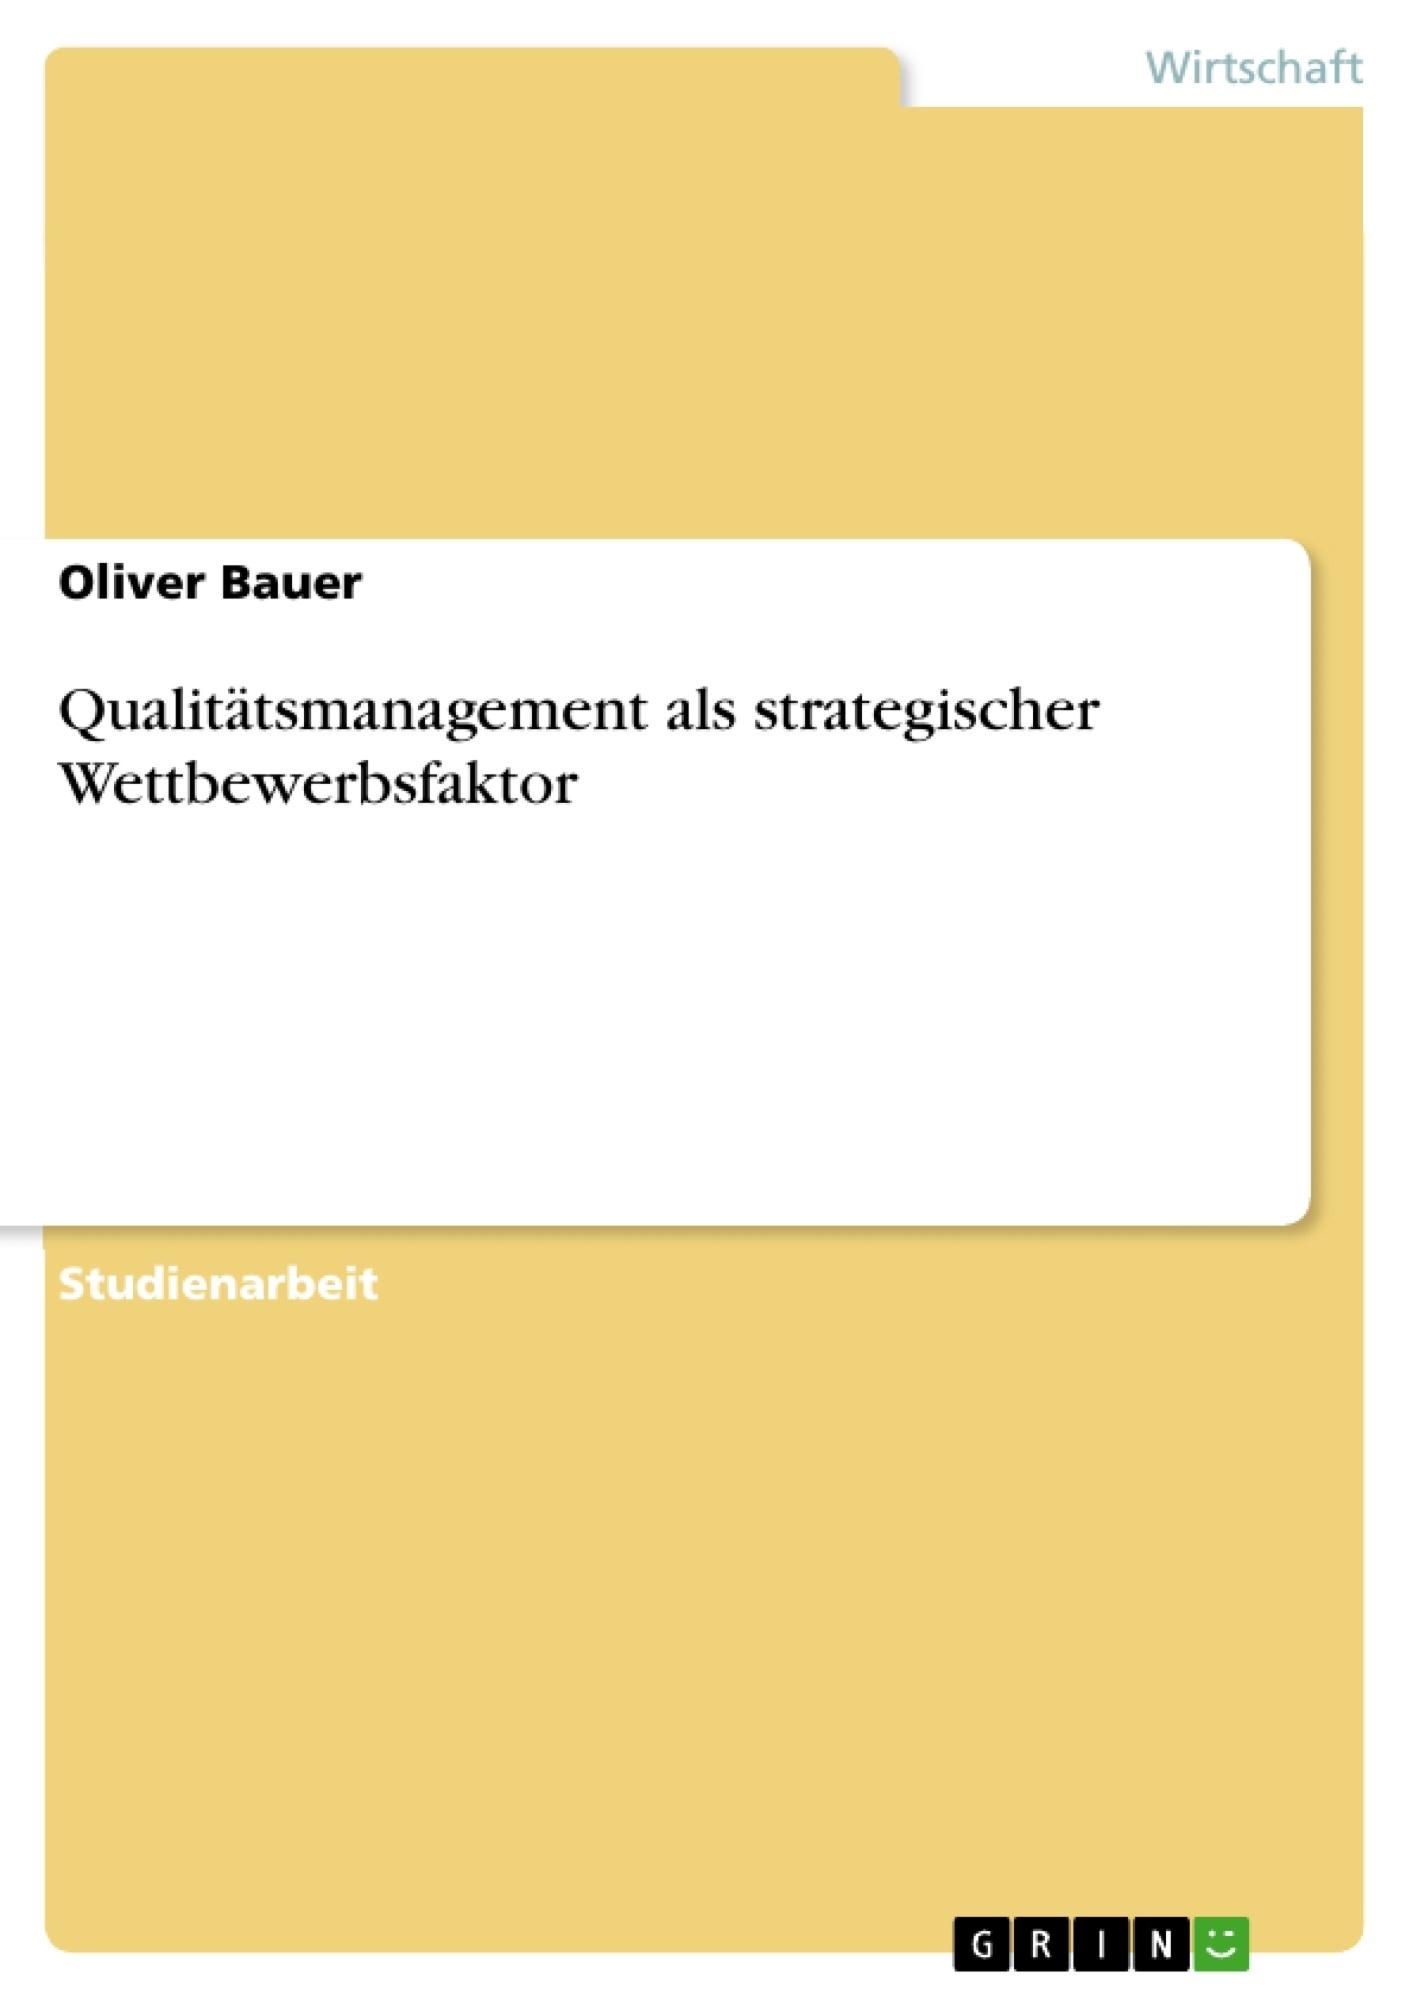 Titel: Qualitätsmanagement als strategischer Wettbewerbsfaktor